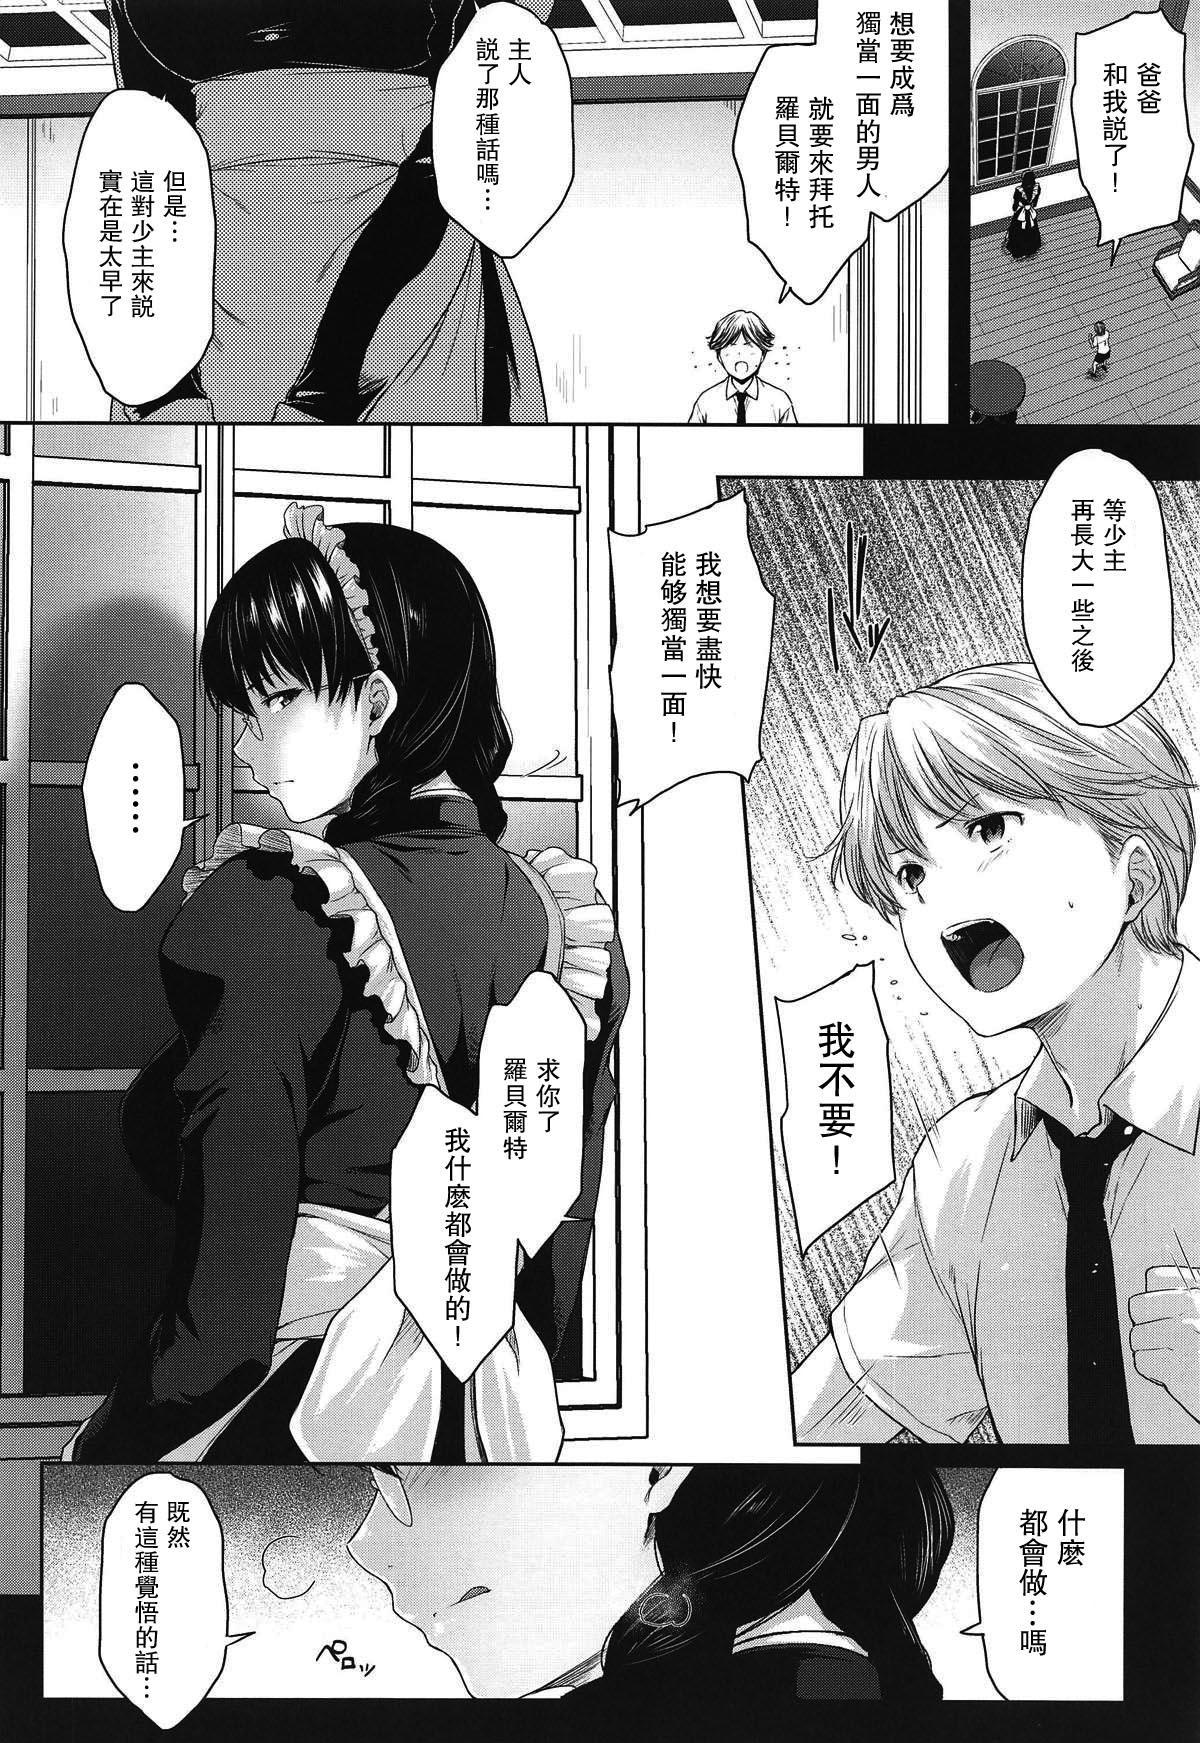 Maid no Tsutome 4